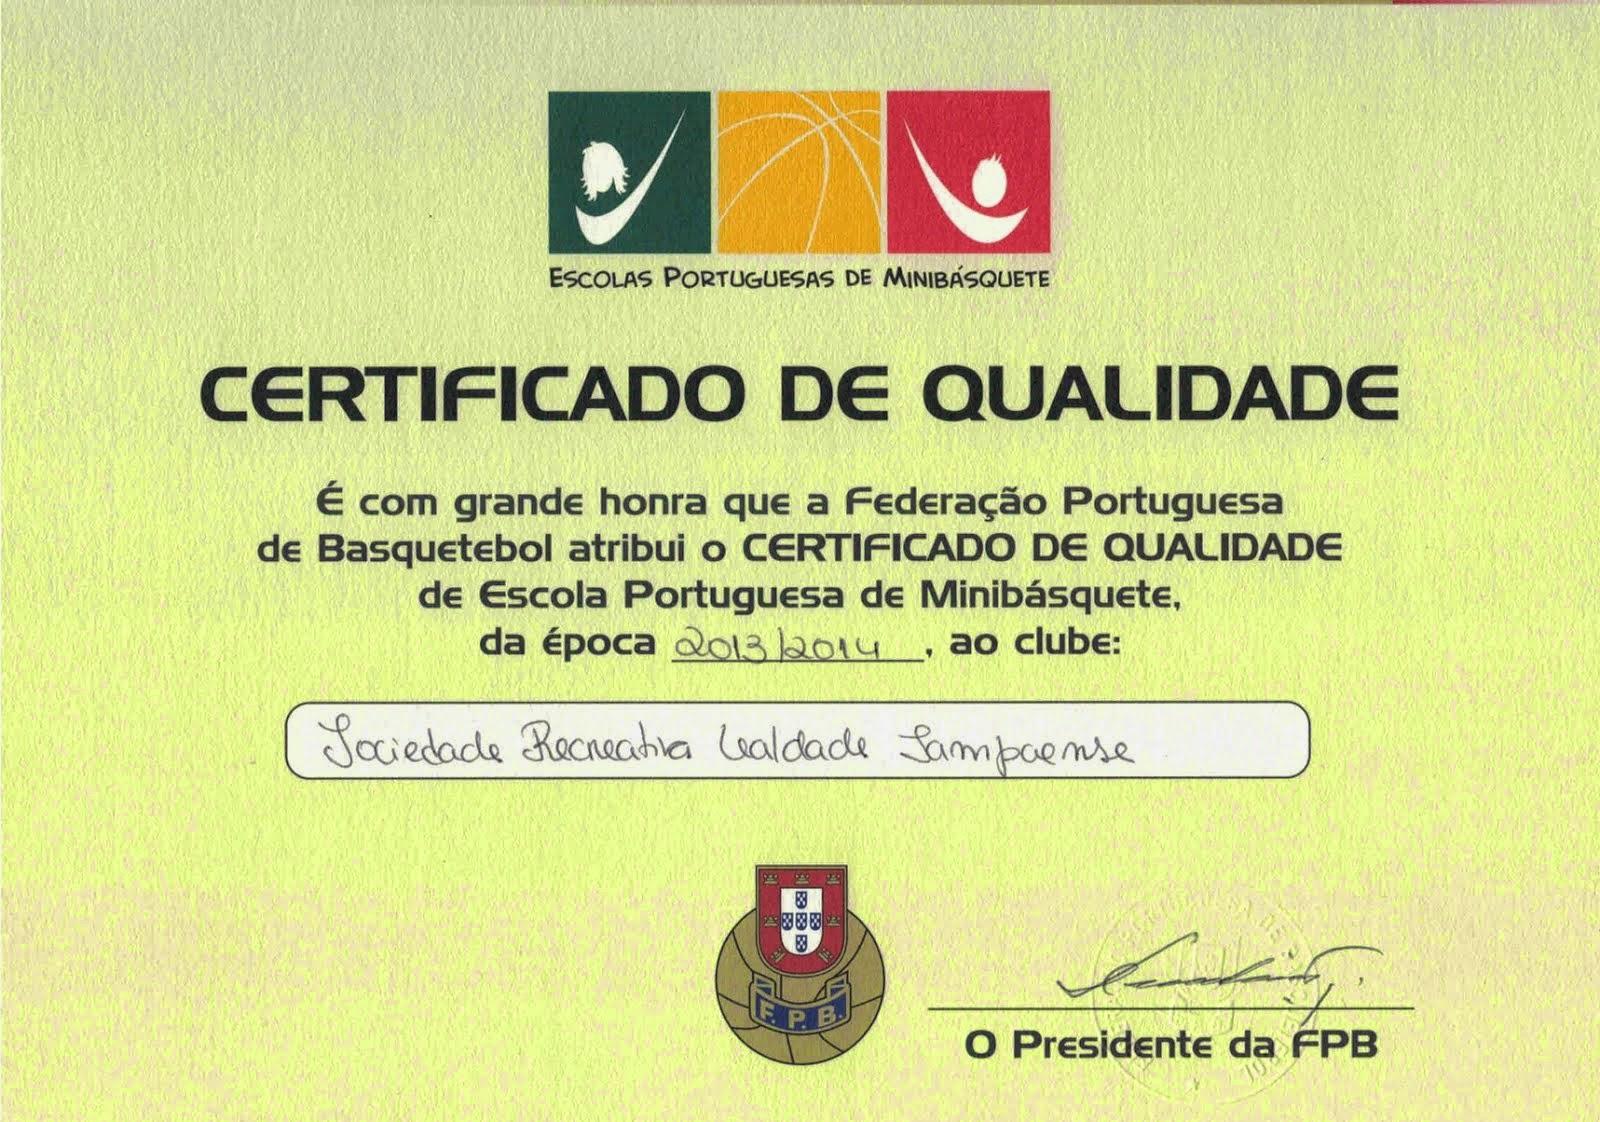 Certificado como Escola Portuguesa de Minibasquete